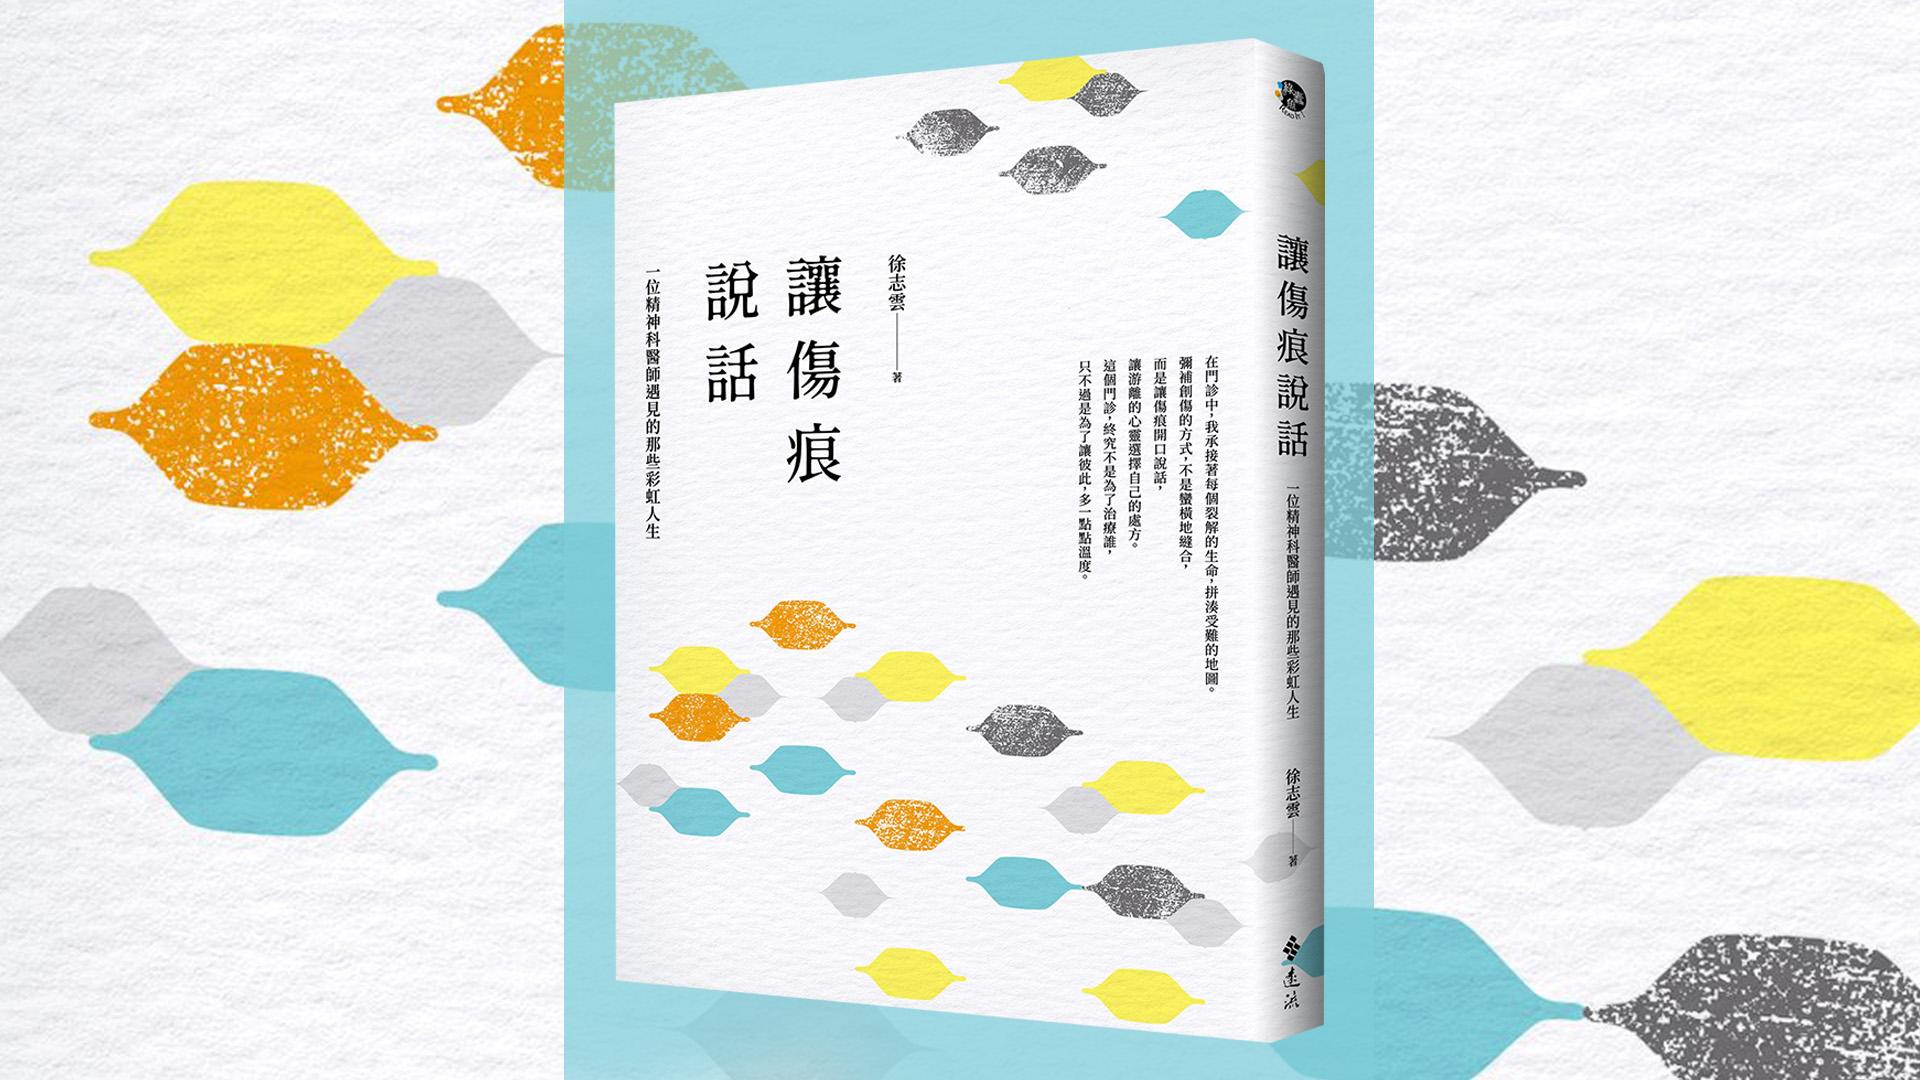 書摘》我們必須記得(徐志雲‧《讓傷痕說話:一位精神科醫師遇見的那些彩虹人生》)